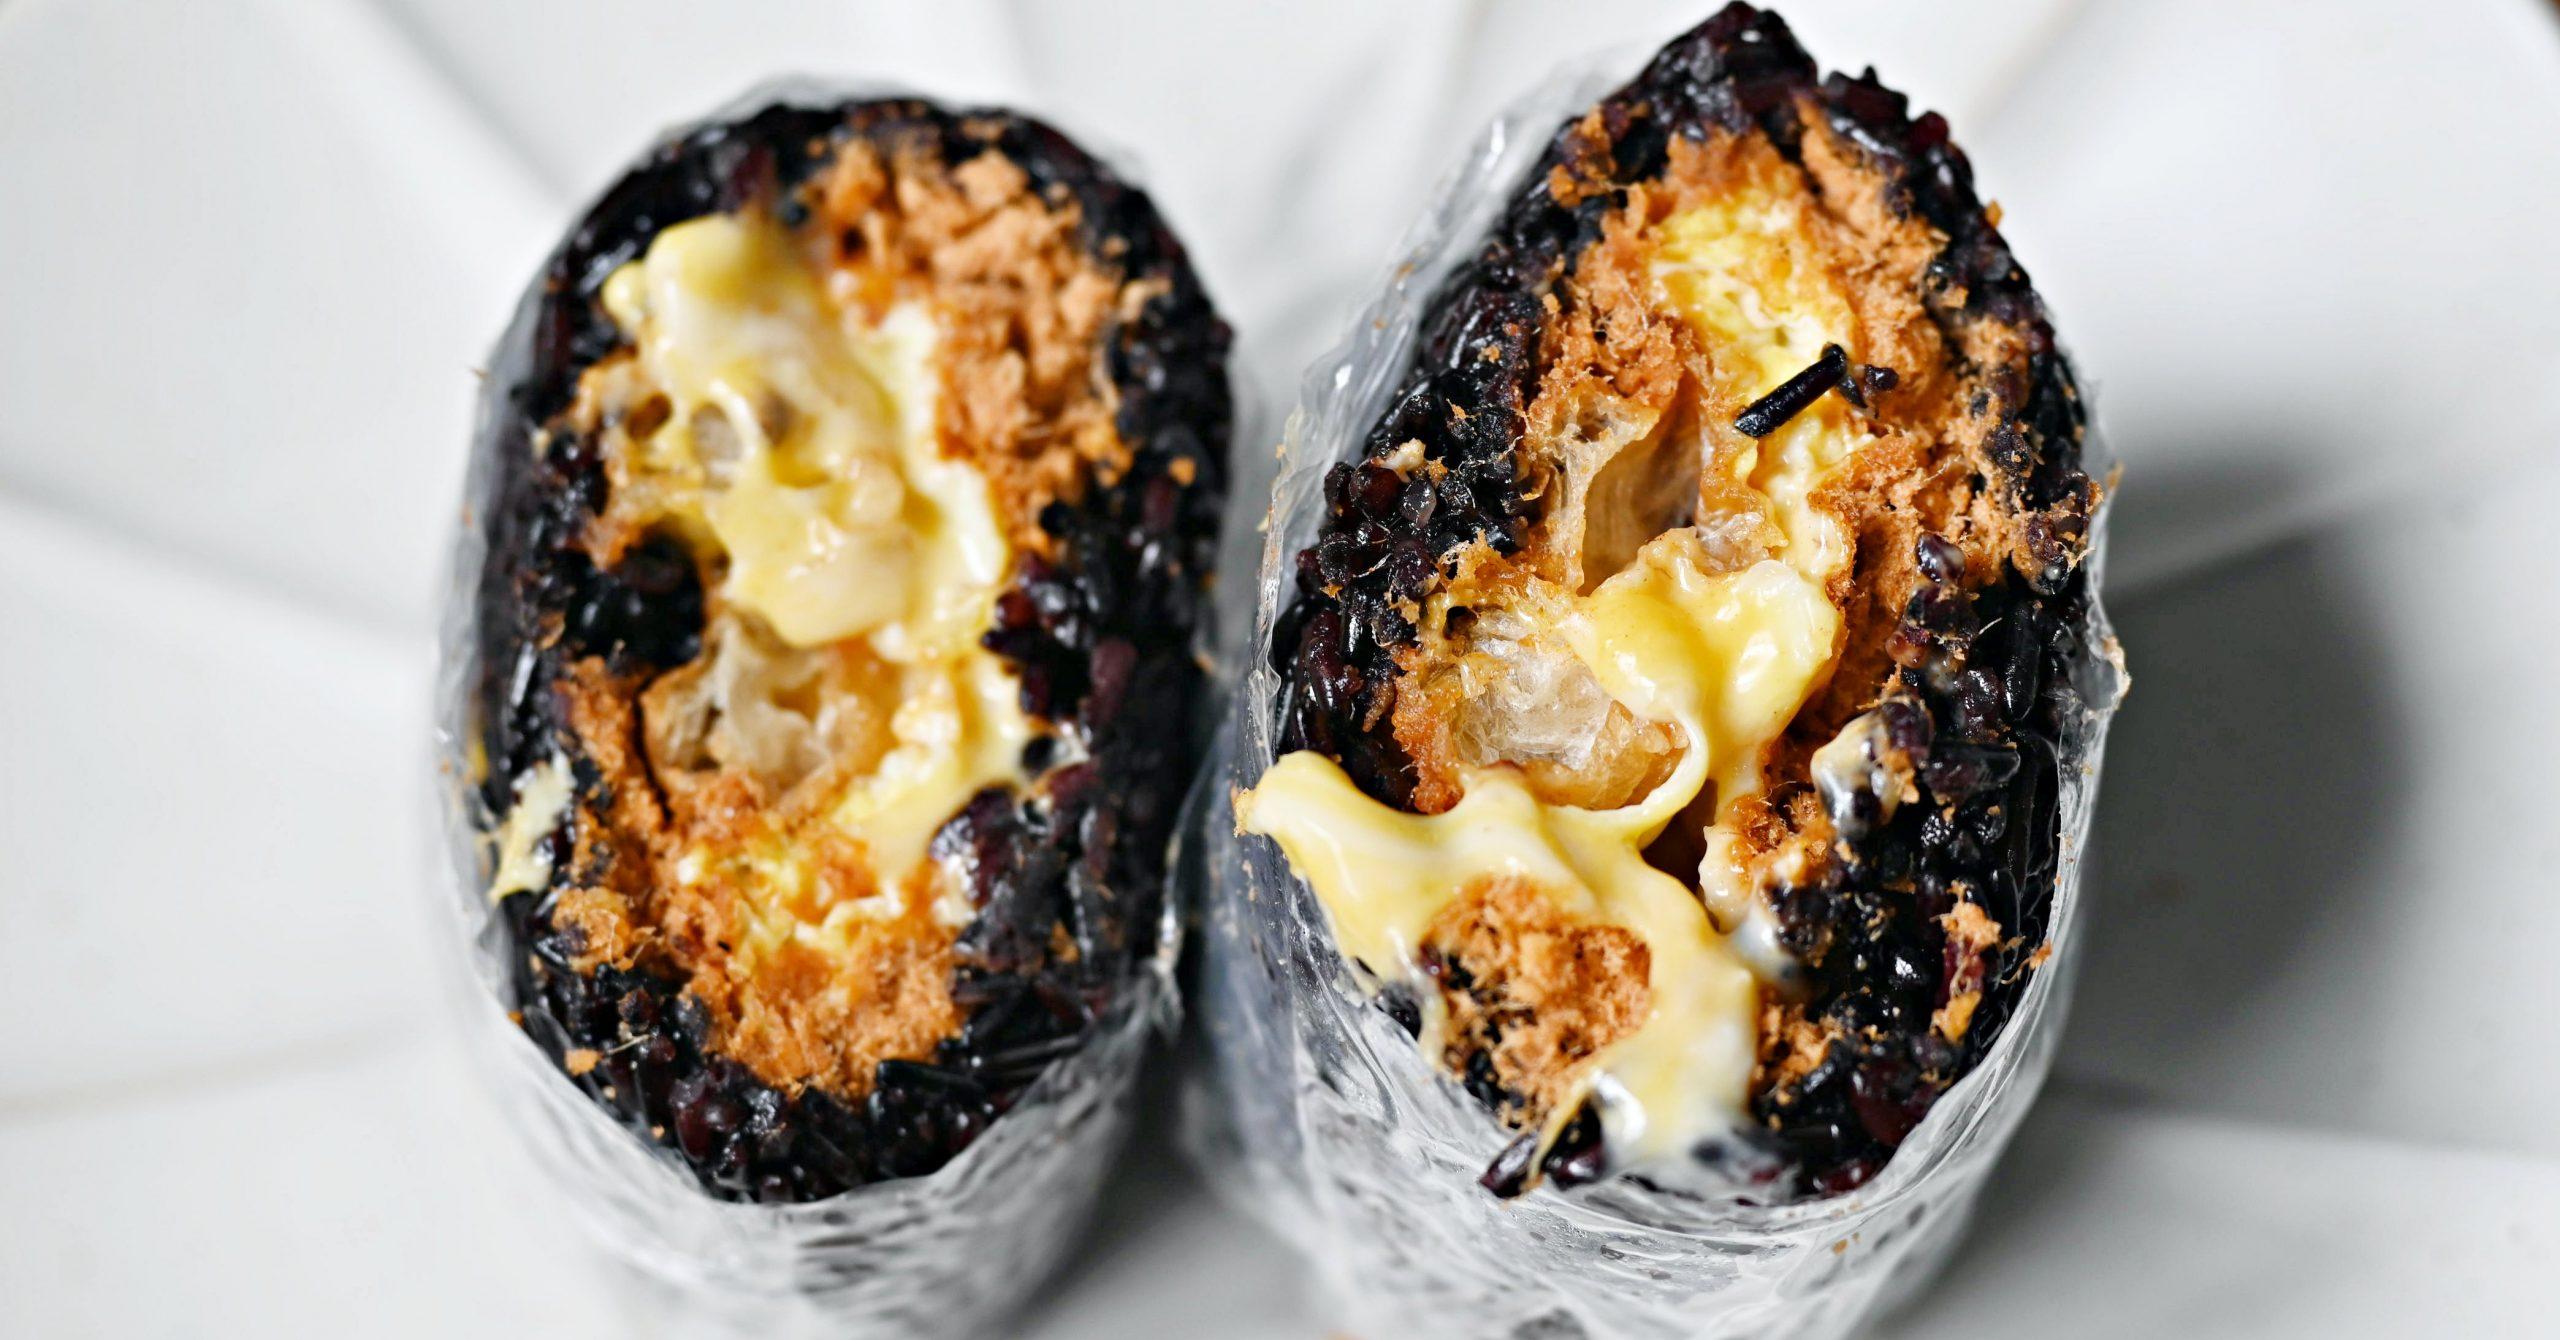 今日熱門文章:【天母美食】阿里把拔手作精緻古早味飯糰,紫米飯糰超好吃